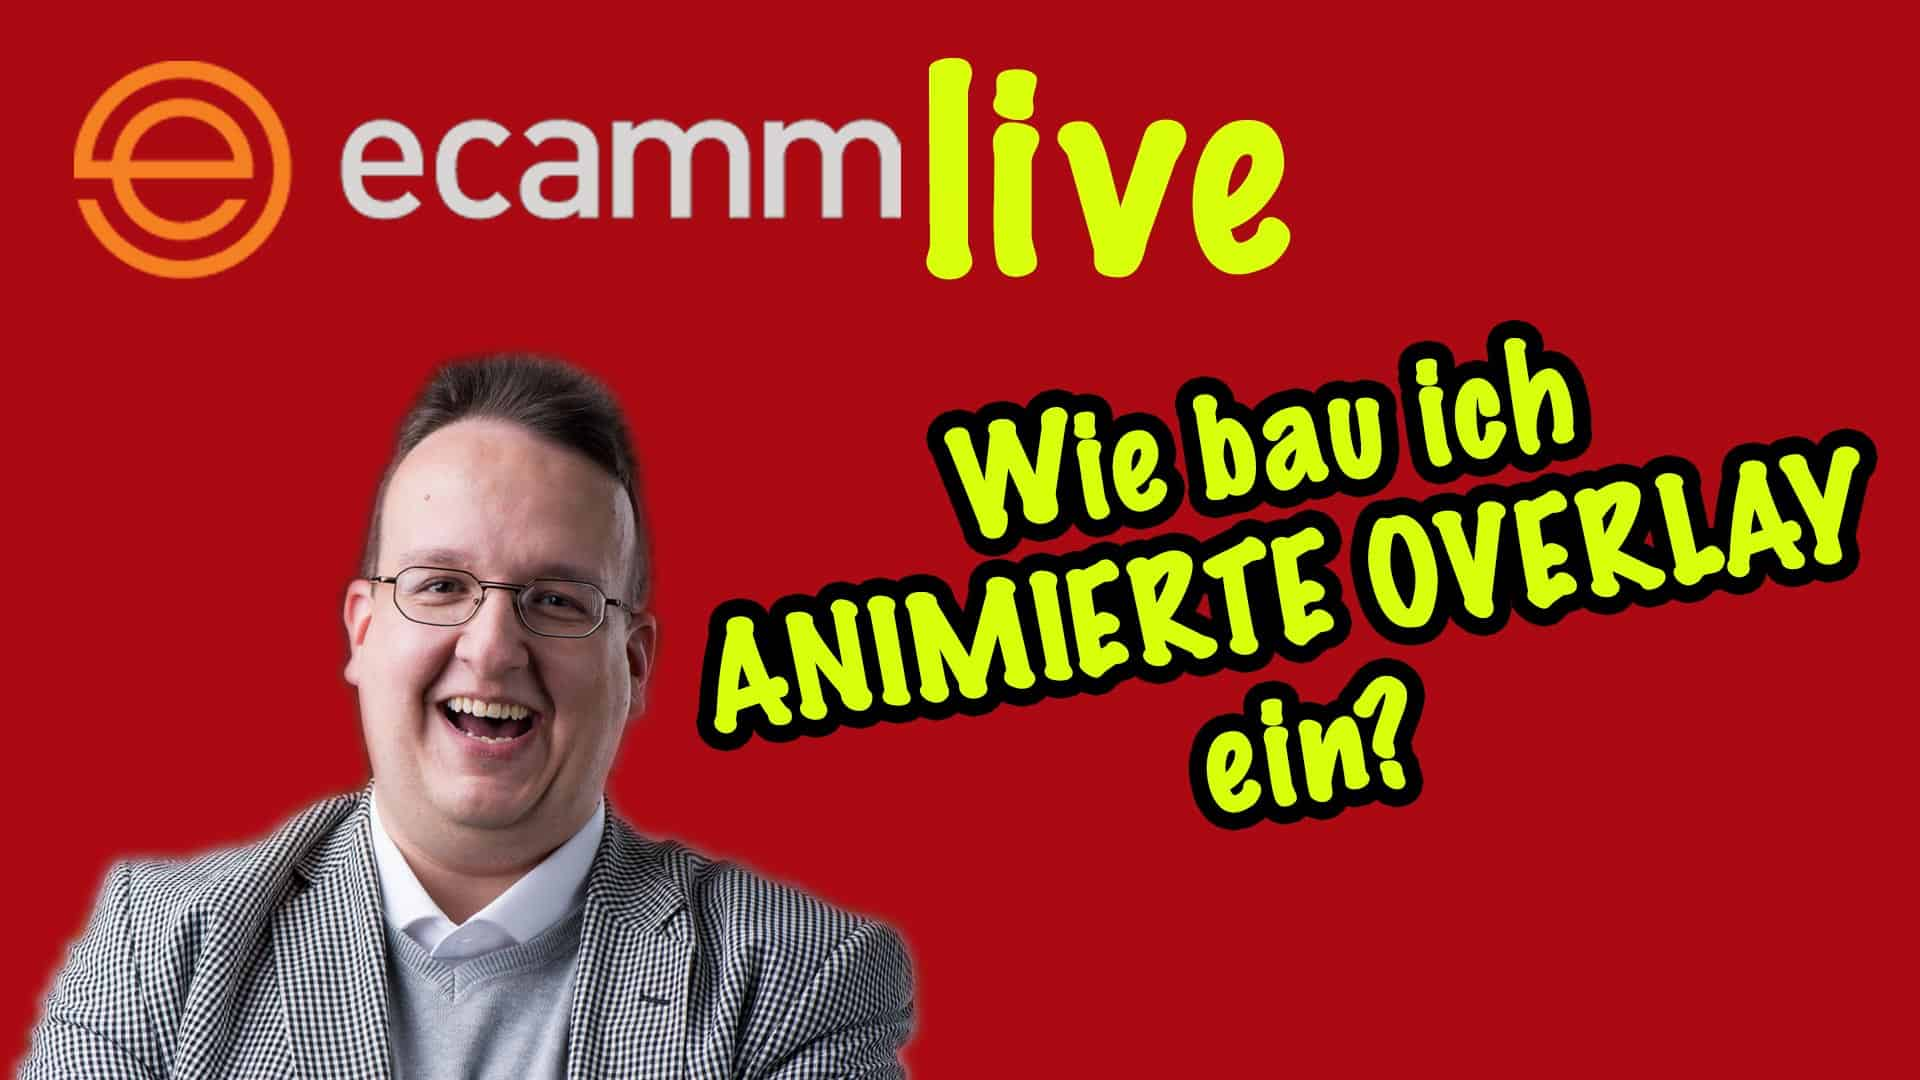 ECamm Live: Wie bau ich animierte Overlays ein?